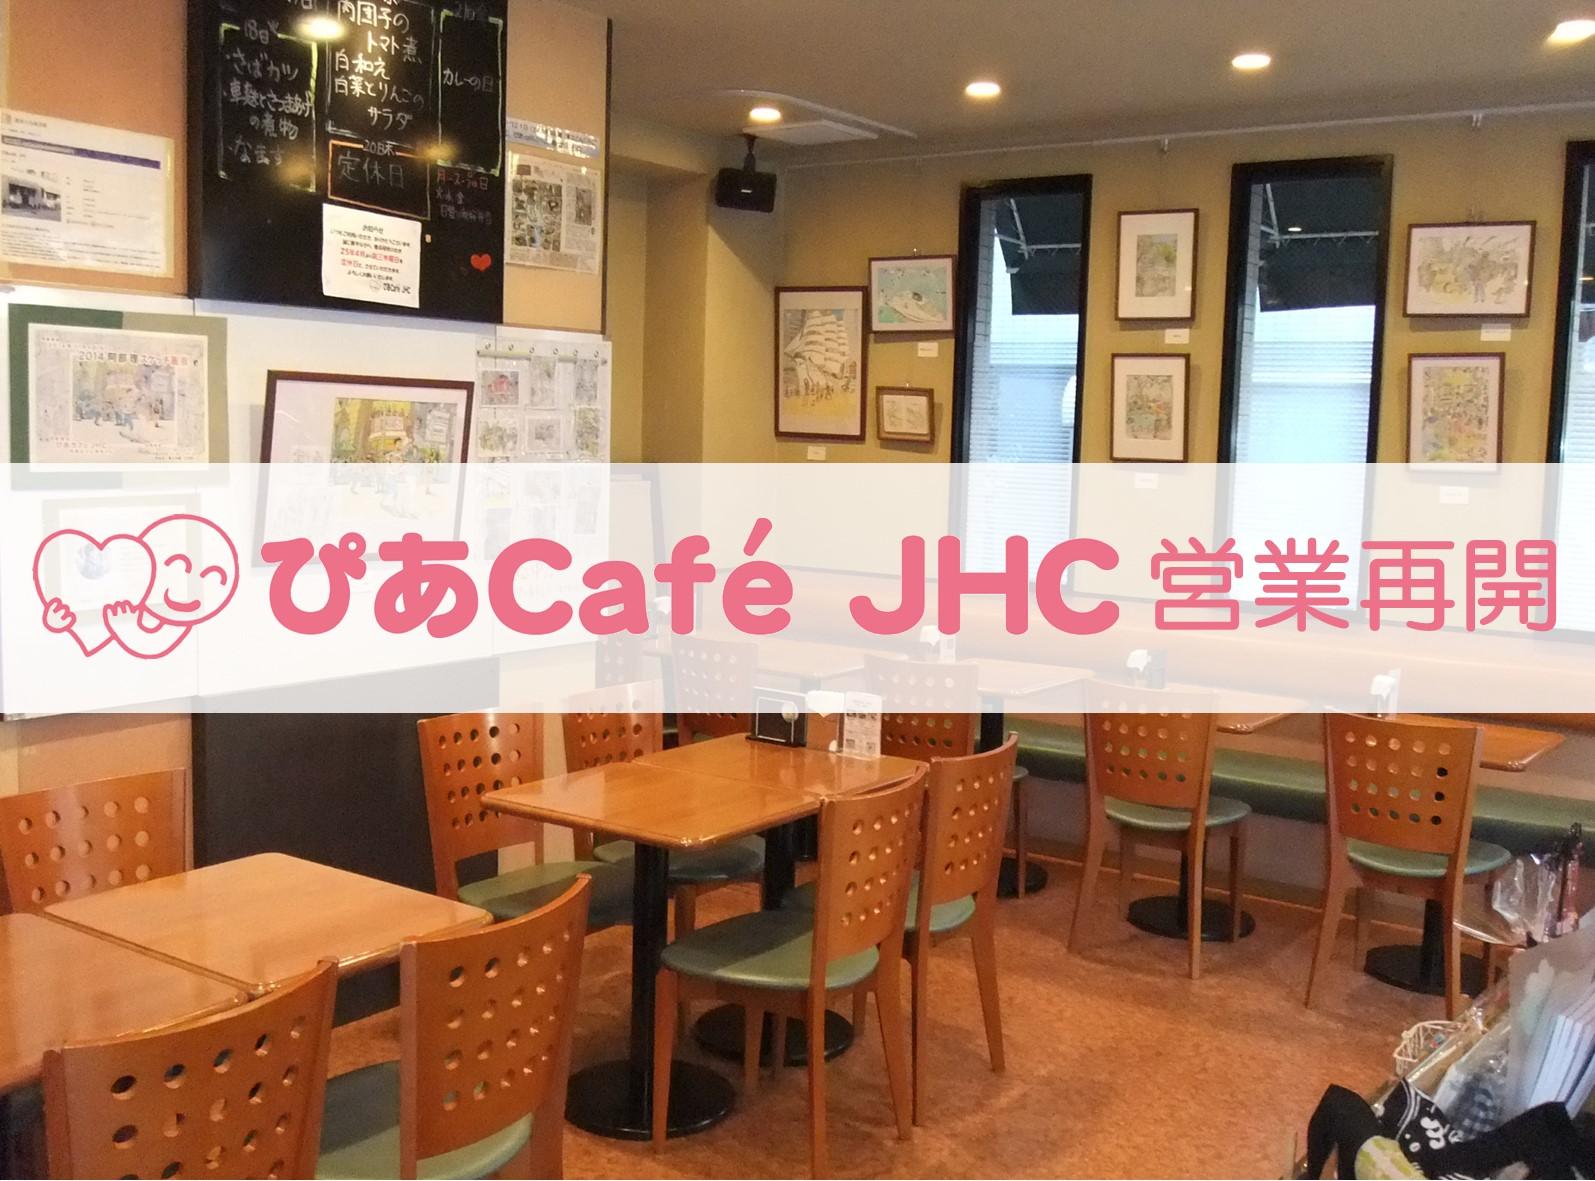 ぴあCafé JHC営業再開